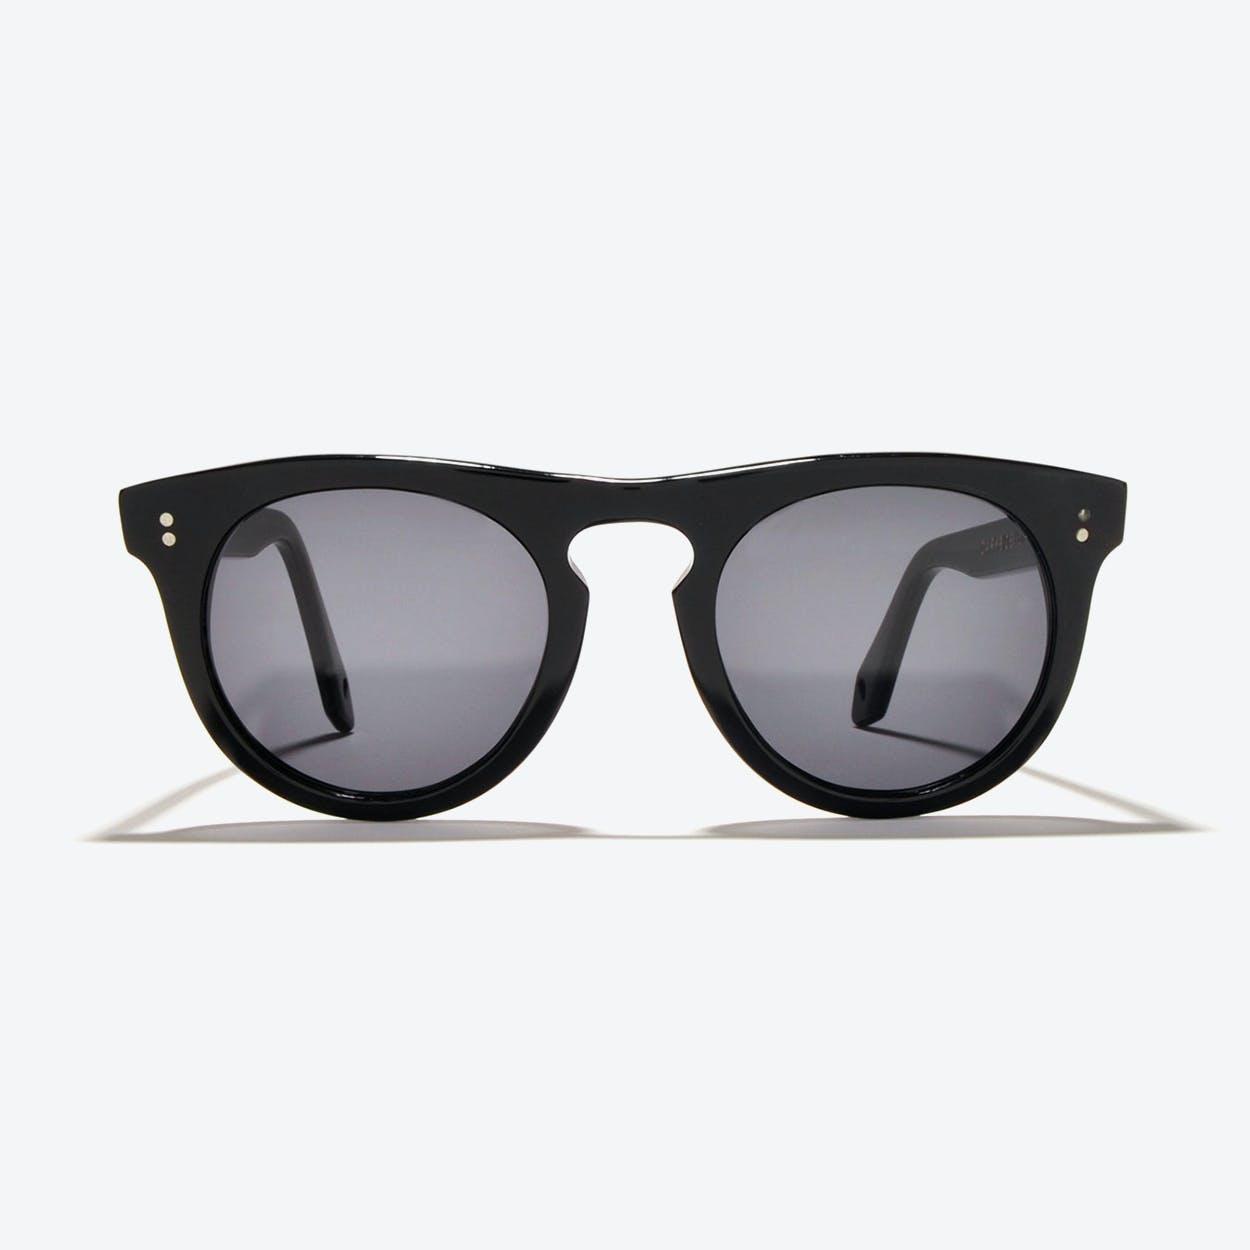 Corvus Sunglasses in Black